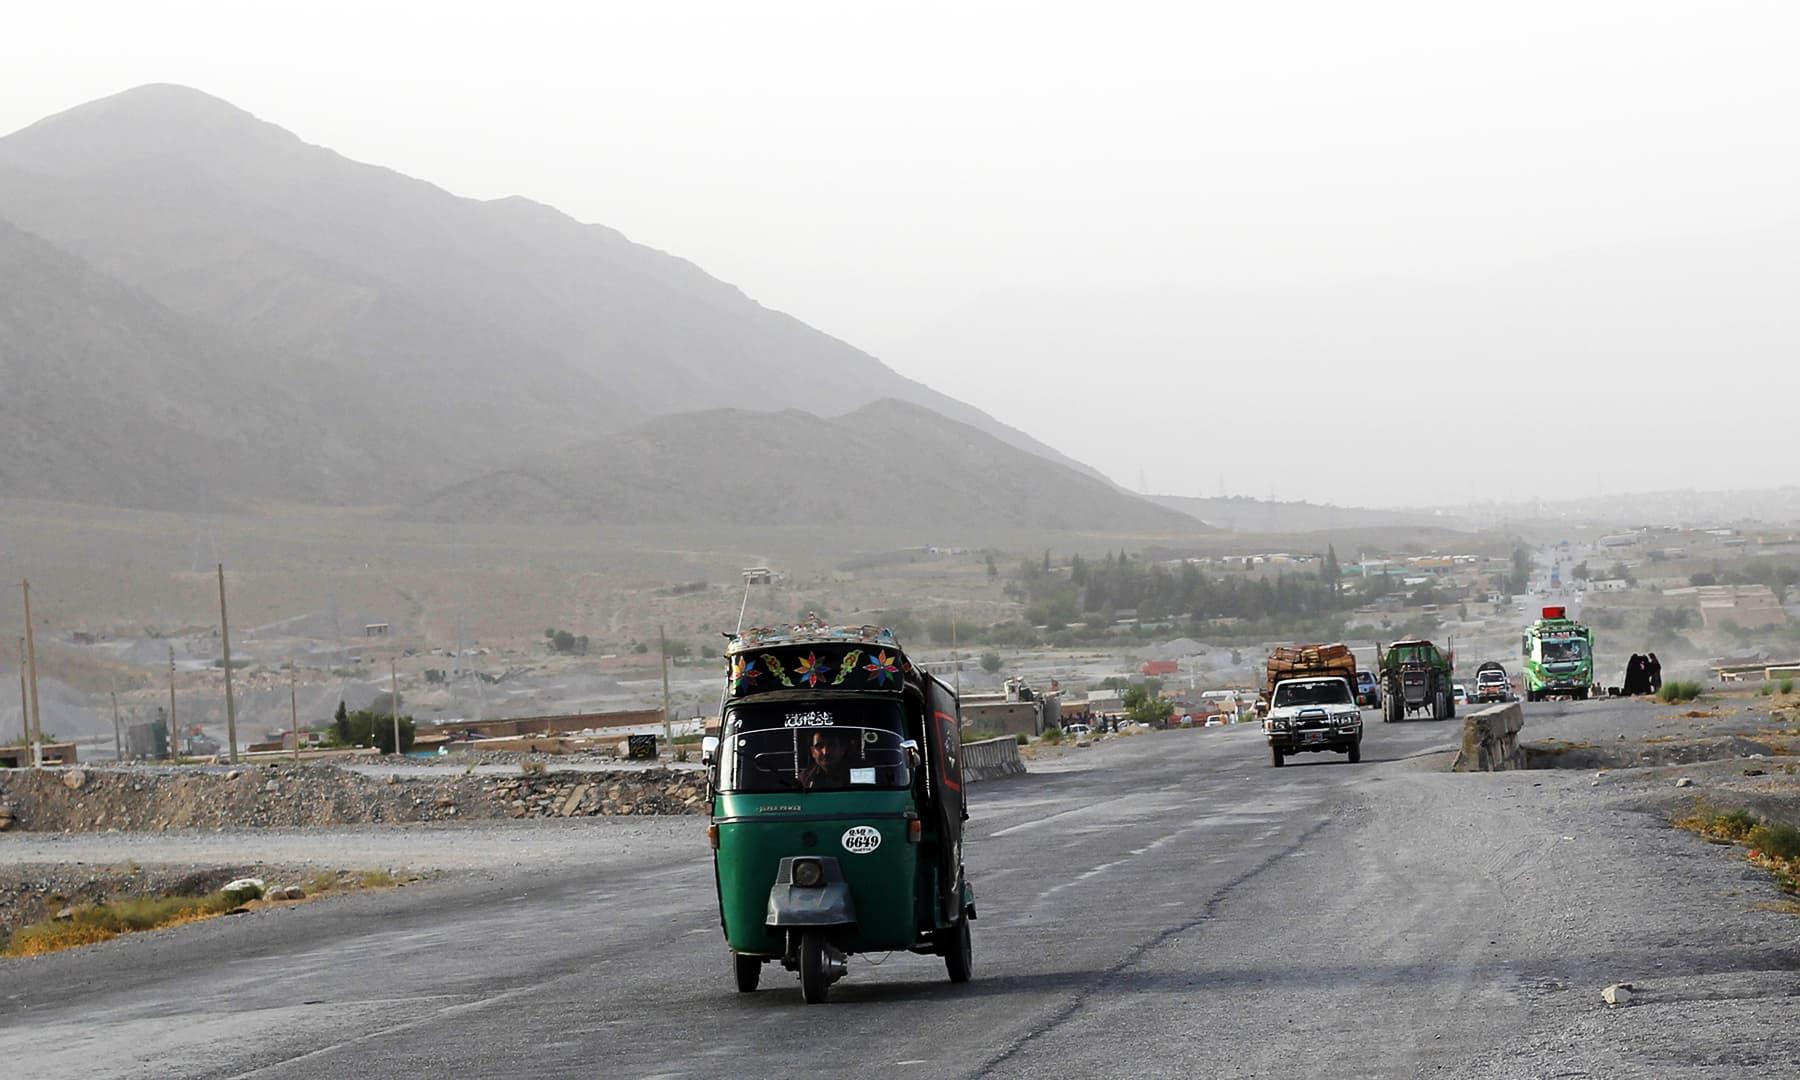 کوئٹہ کی ایک سڑک—تصویر عبیداللہ کیہر